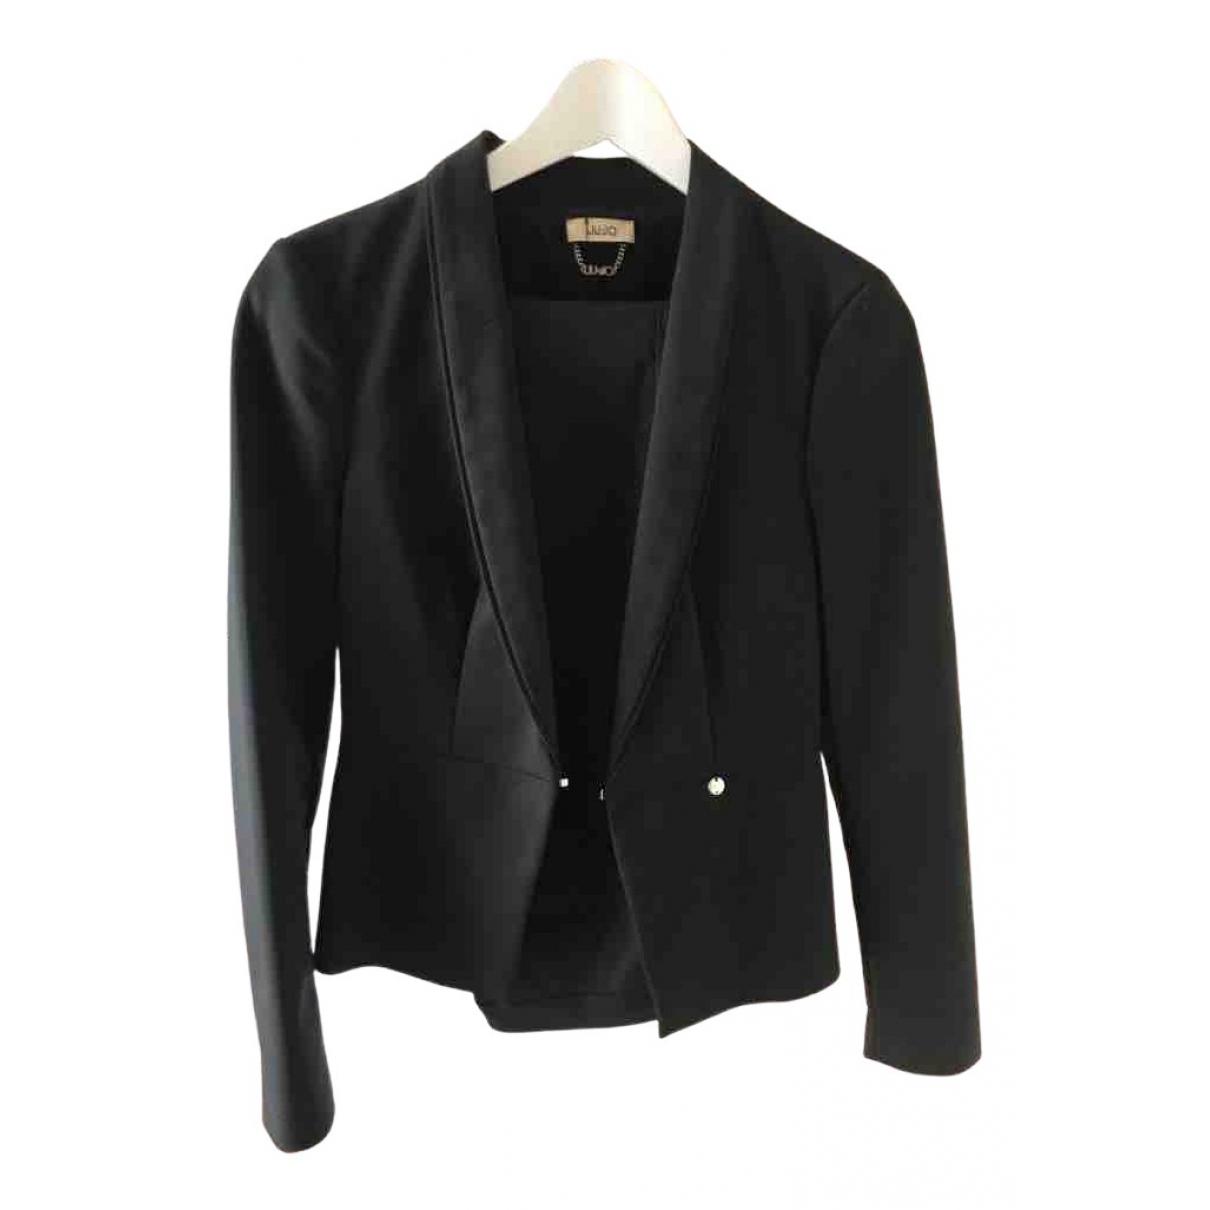 Liu.jo - Veste   pour femme en coton - noir